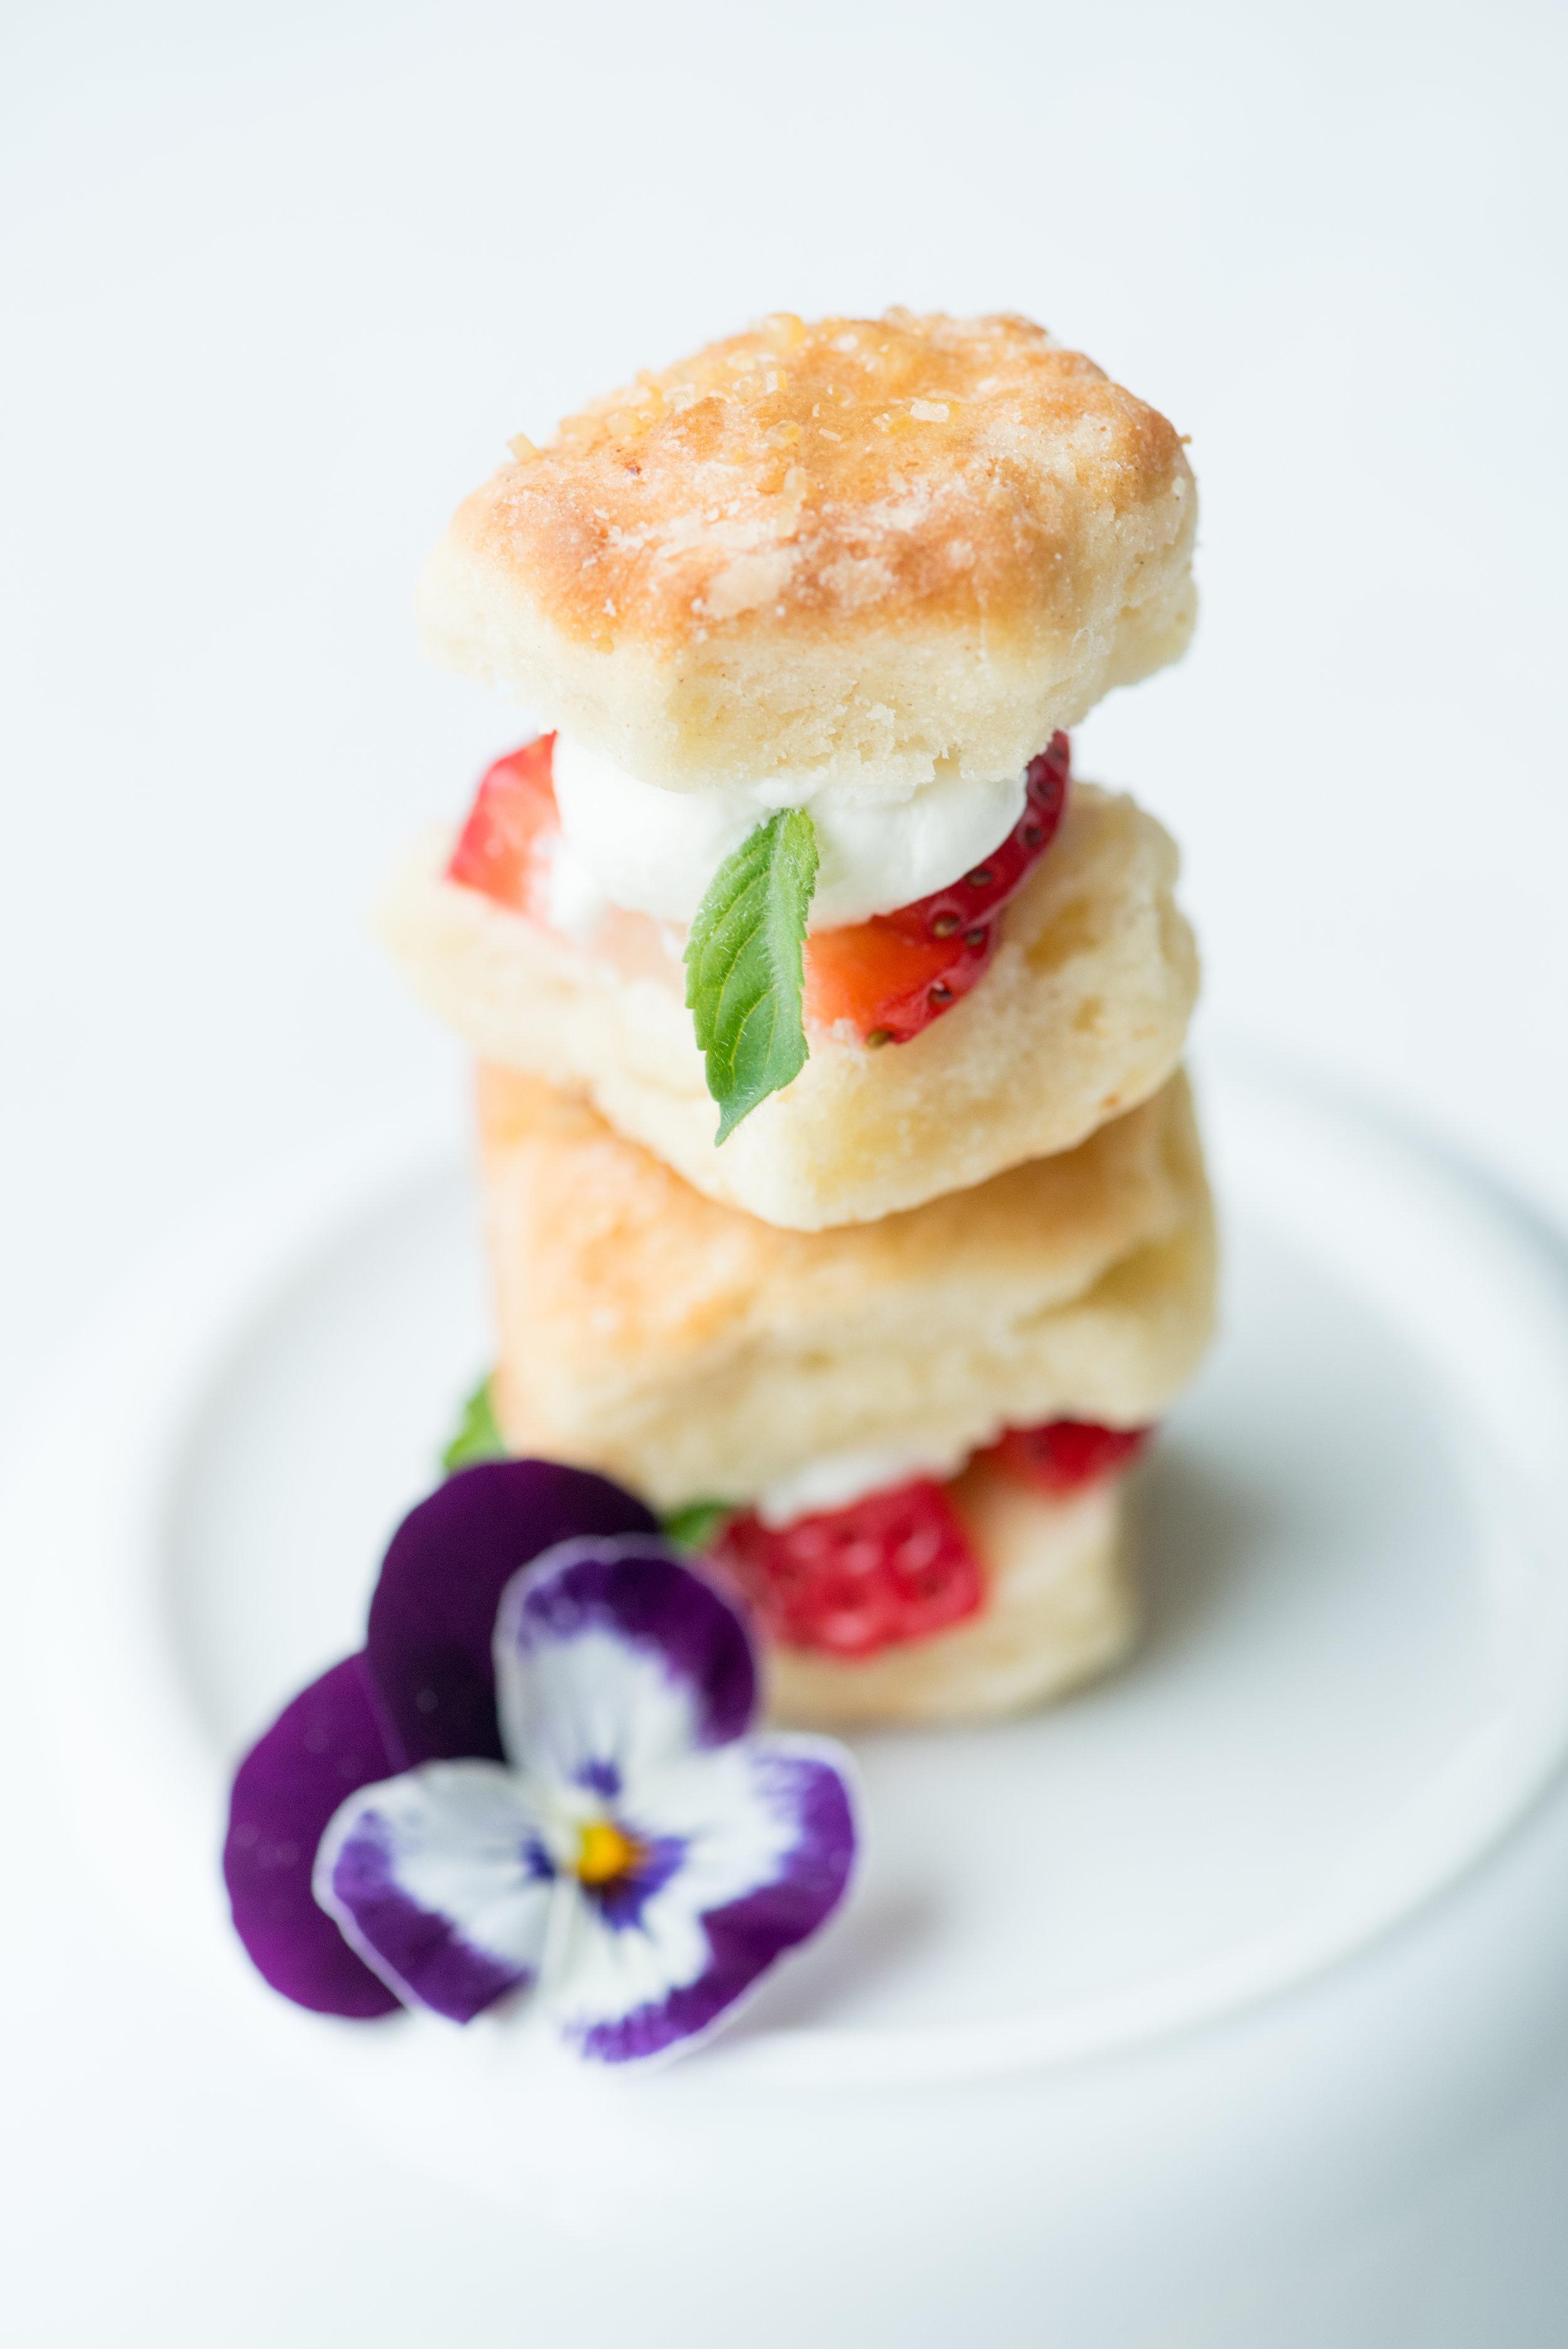 - Tiny strawberry shortcakes with local honey